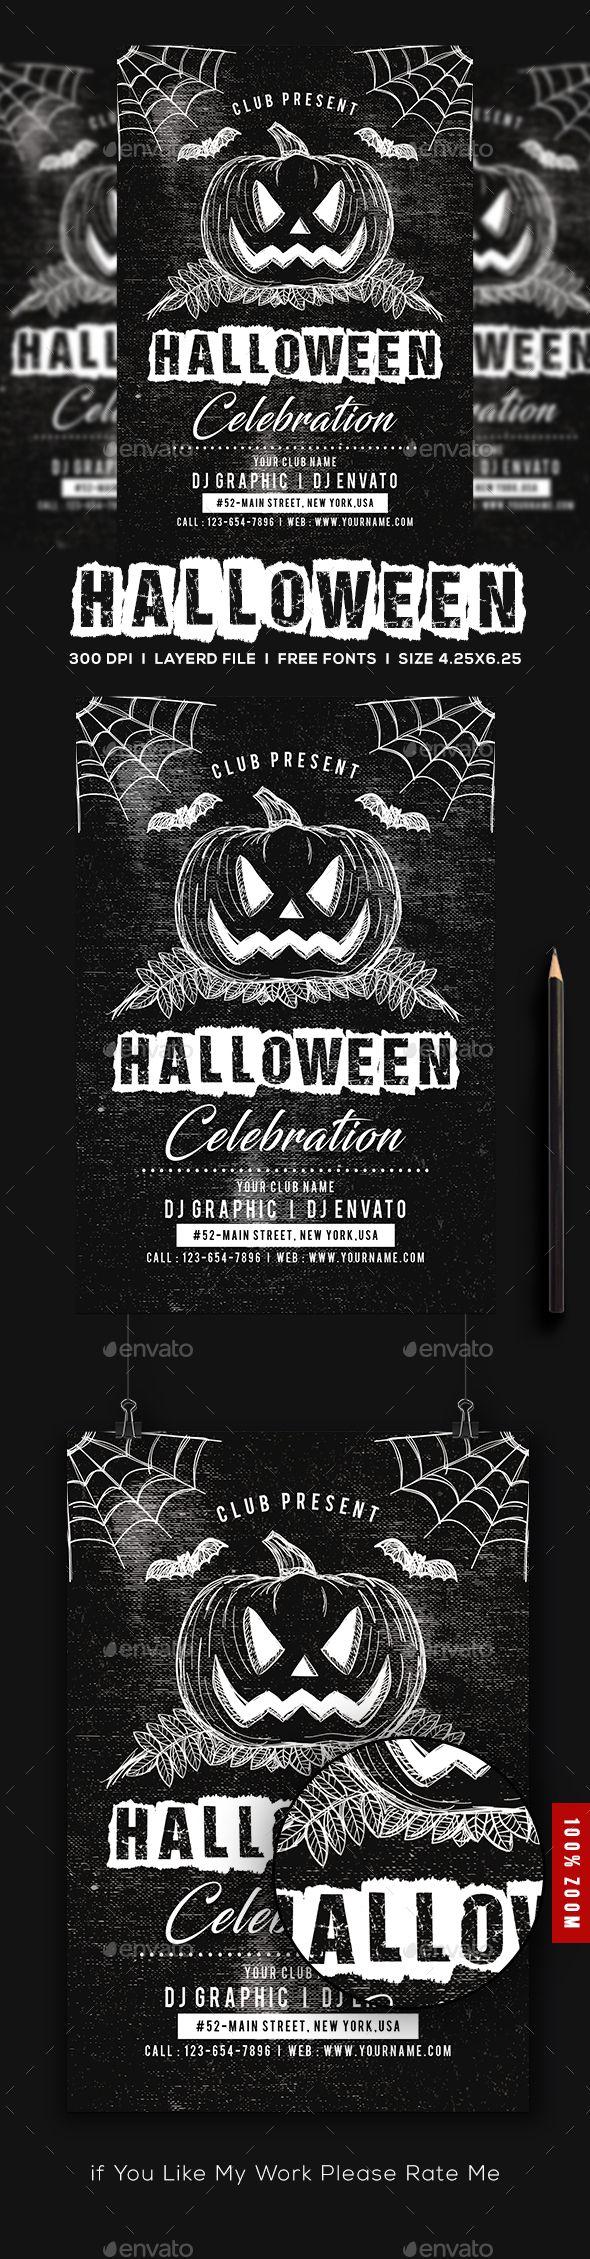 Halloween Flyer Template Psd Halloween Flyer Templates Pinterest